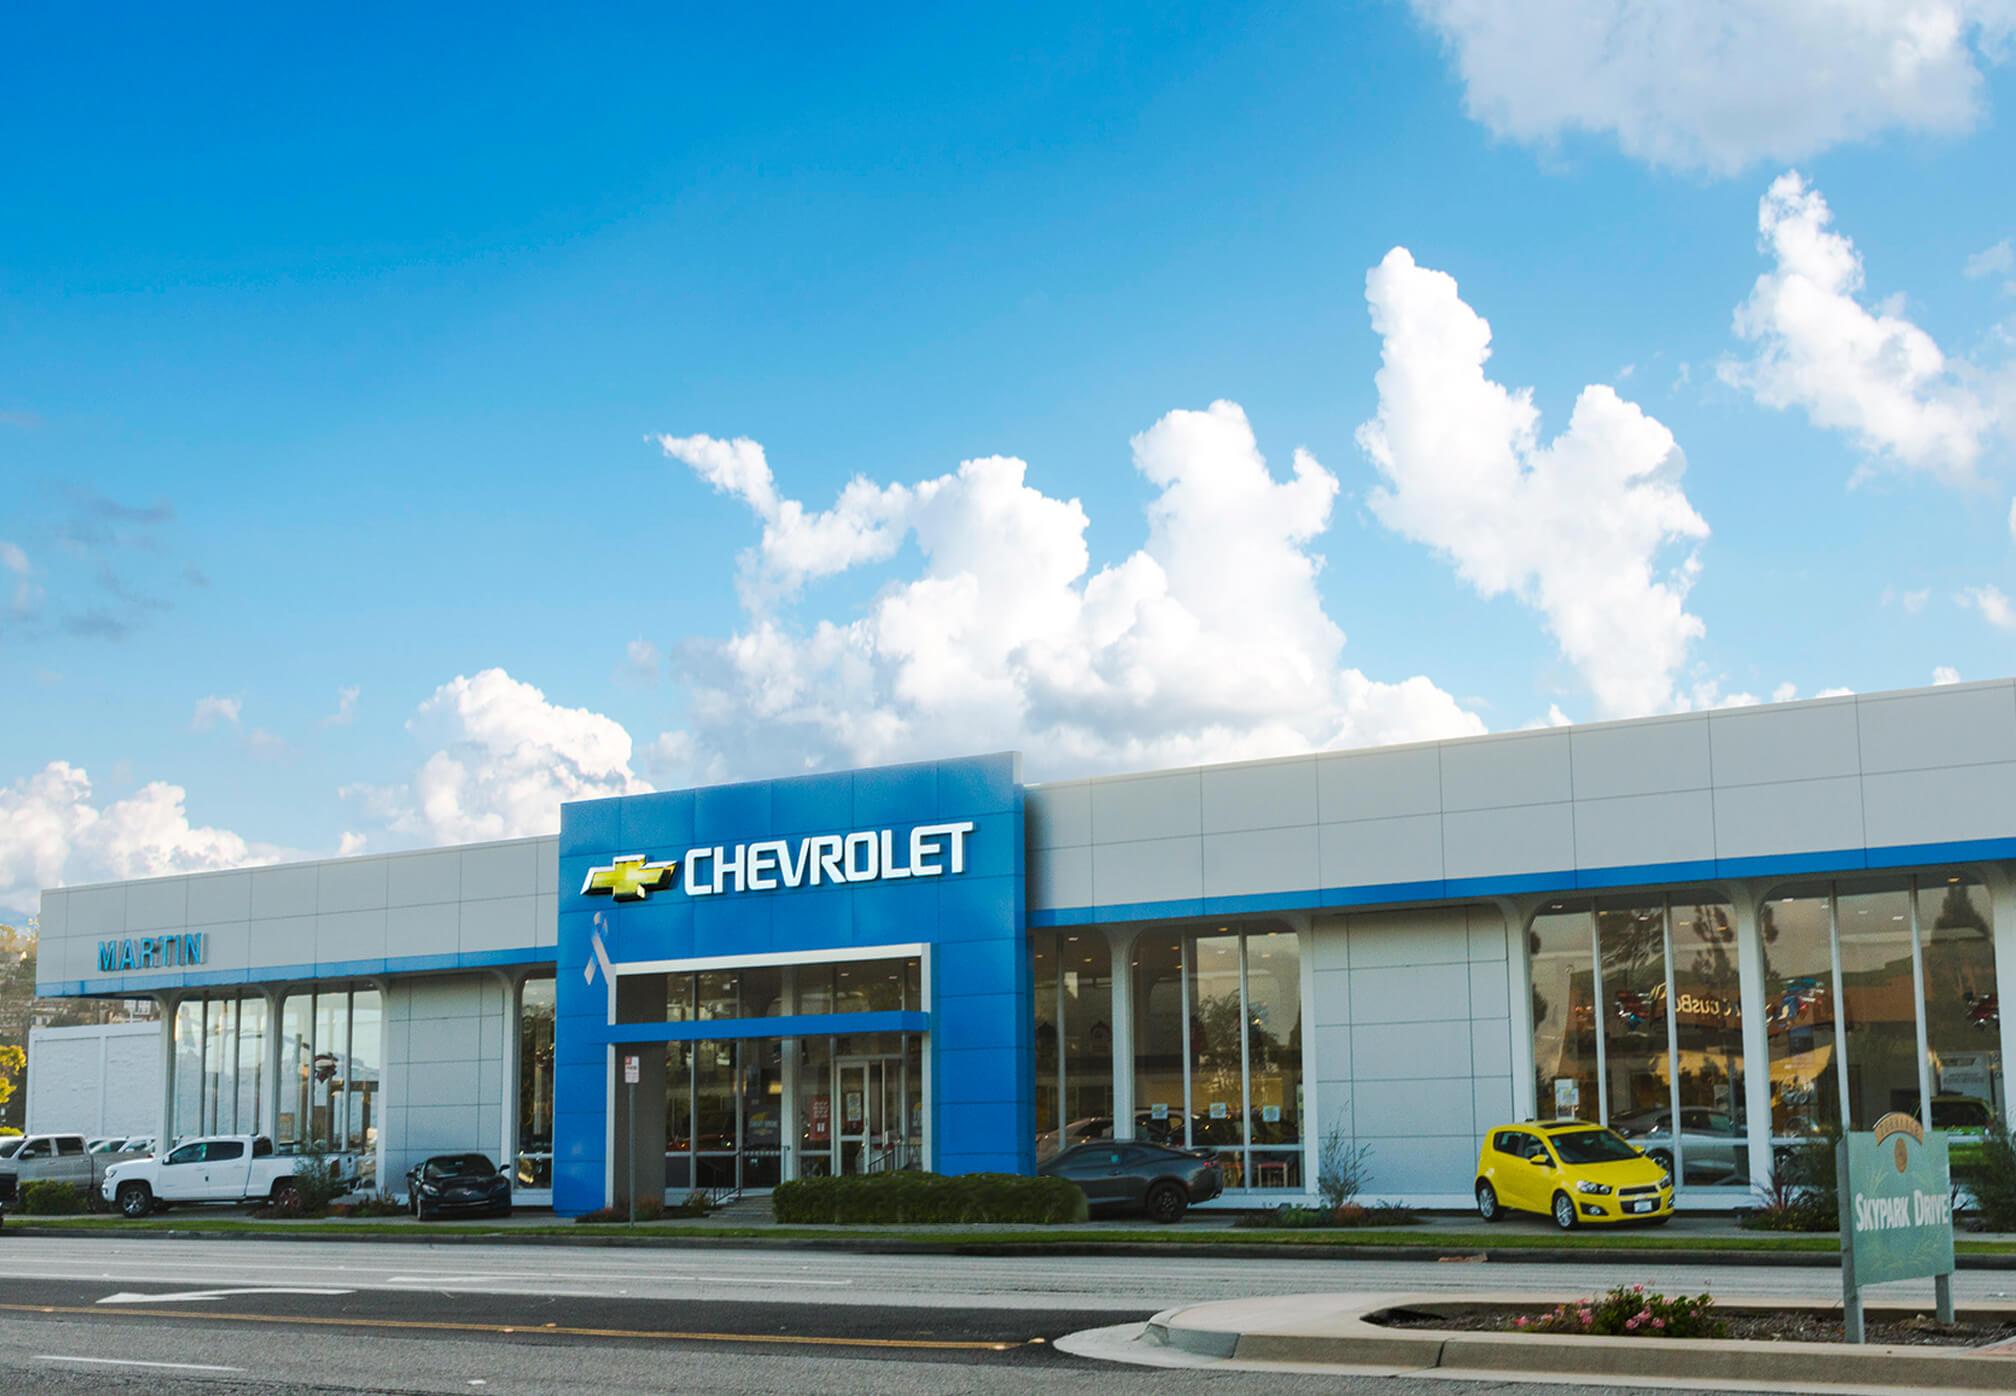 Visita a Martin Chevrolet en Torrance